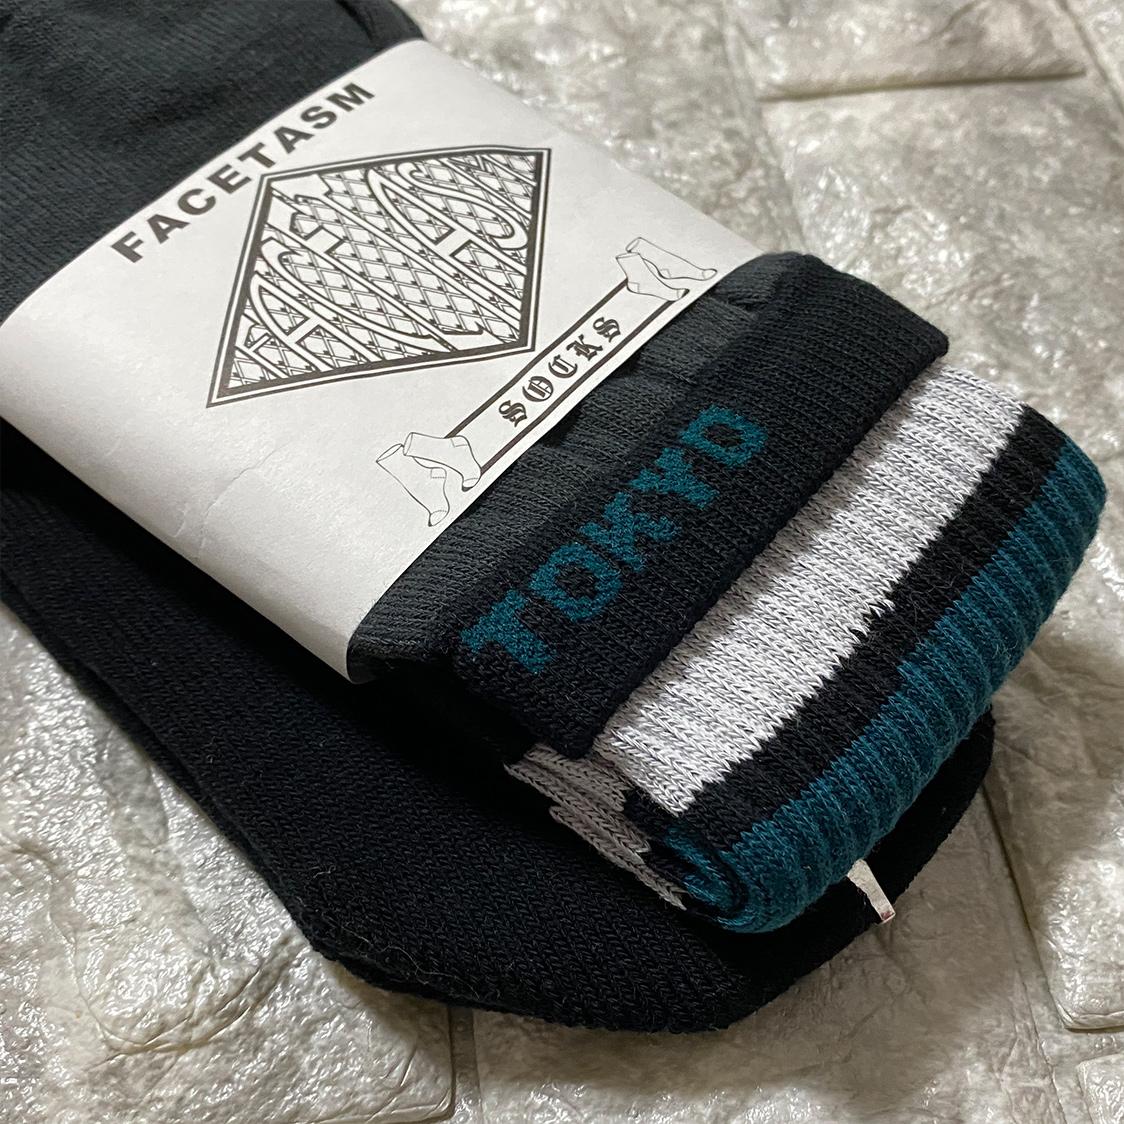 新品 FACETASM ファセッタズム 靴下 ハイソックス LOGO SOCKS ロゴ フリーサイズ メンズ グリーン